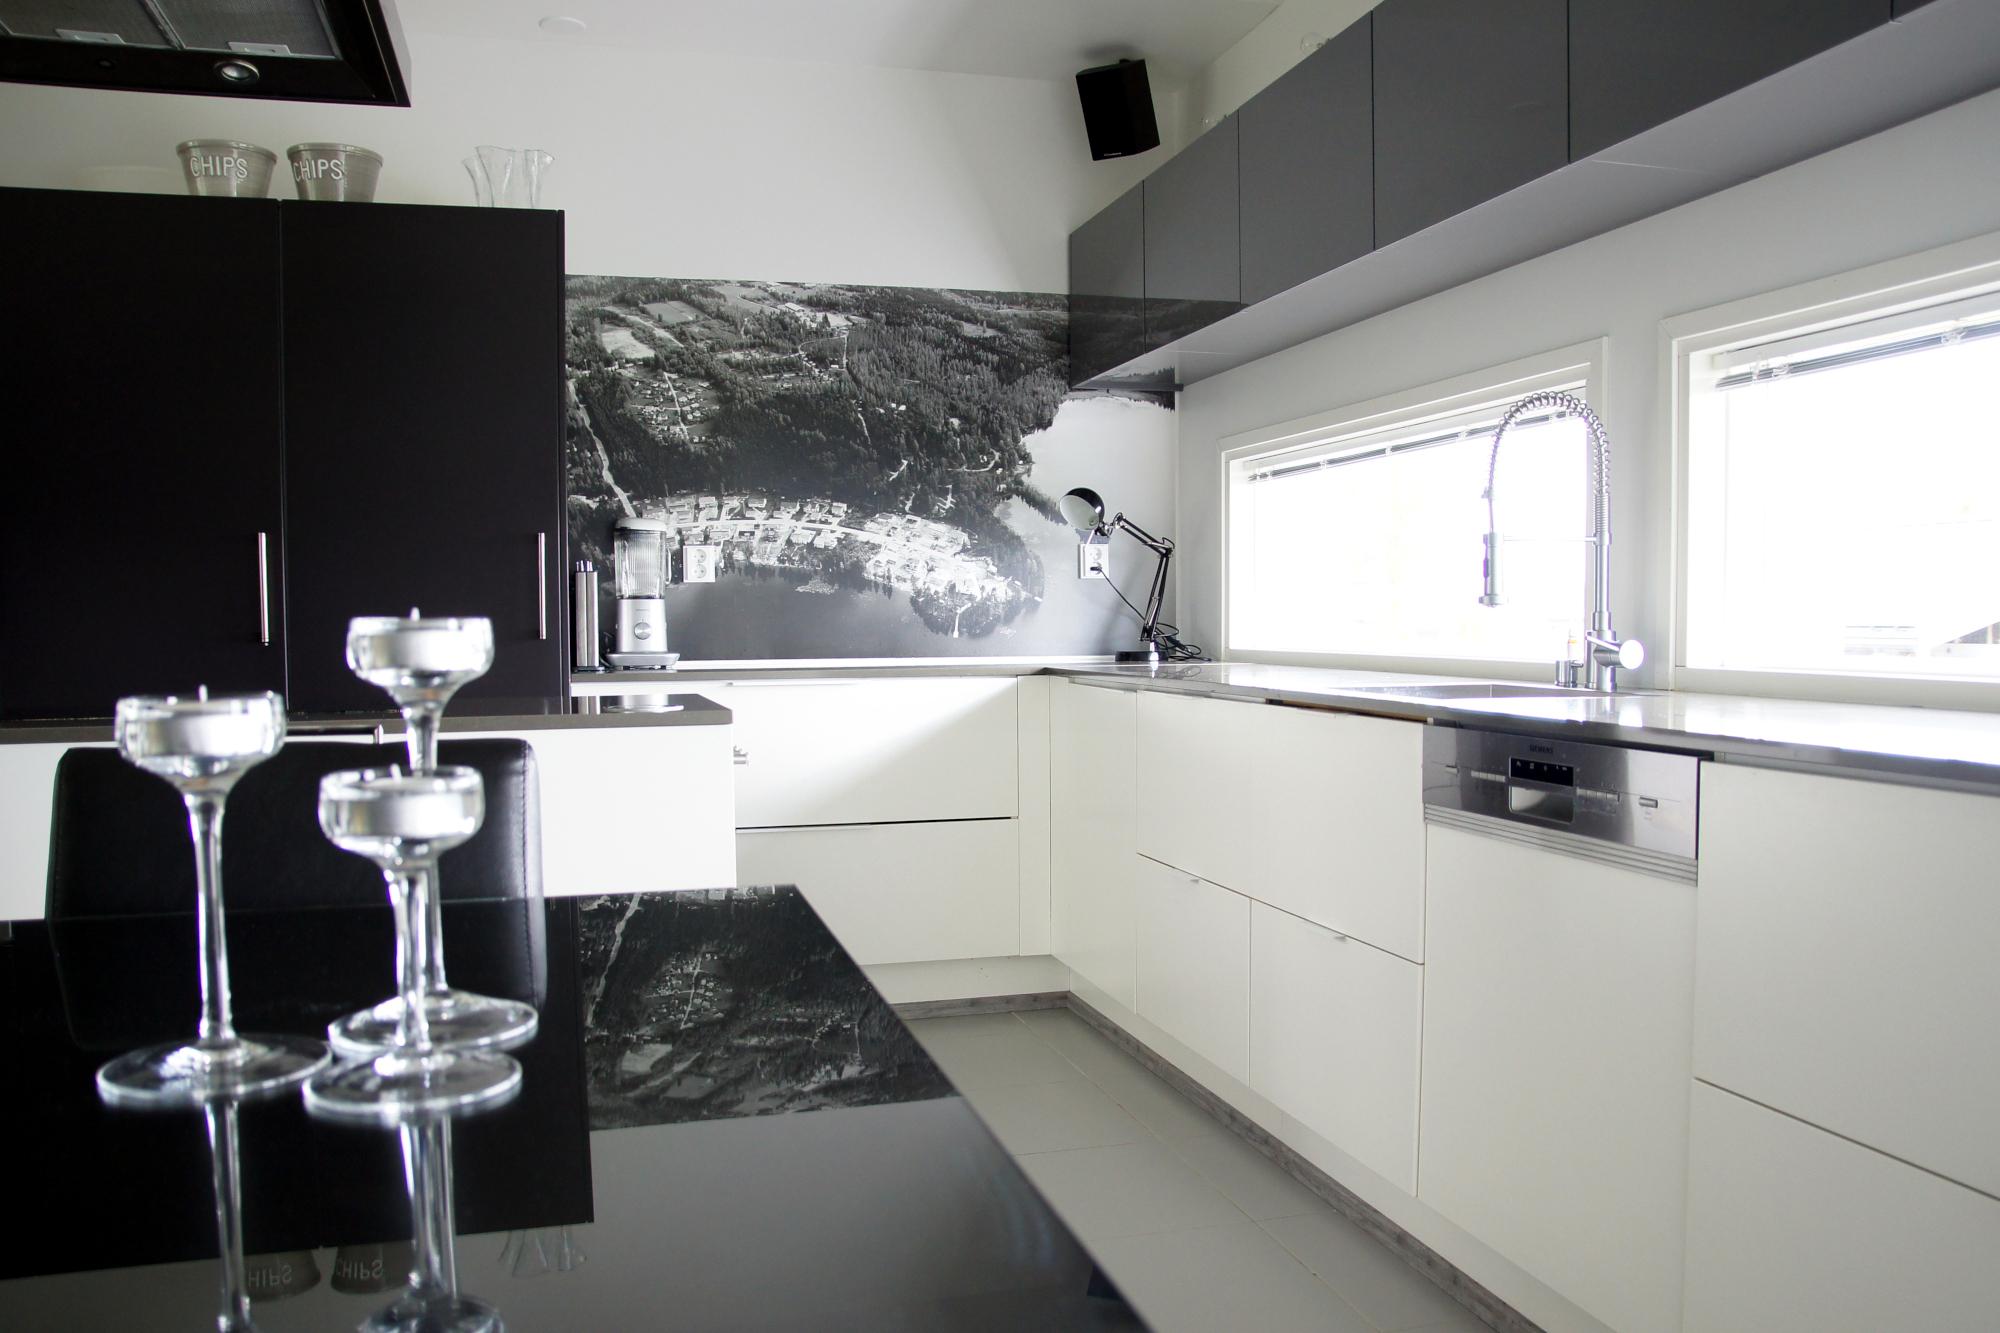 moderni keittiö savonlinna - mitta-keittiöt